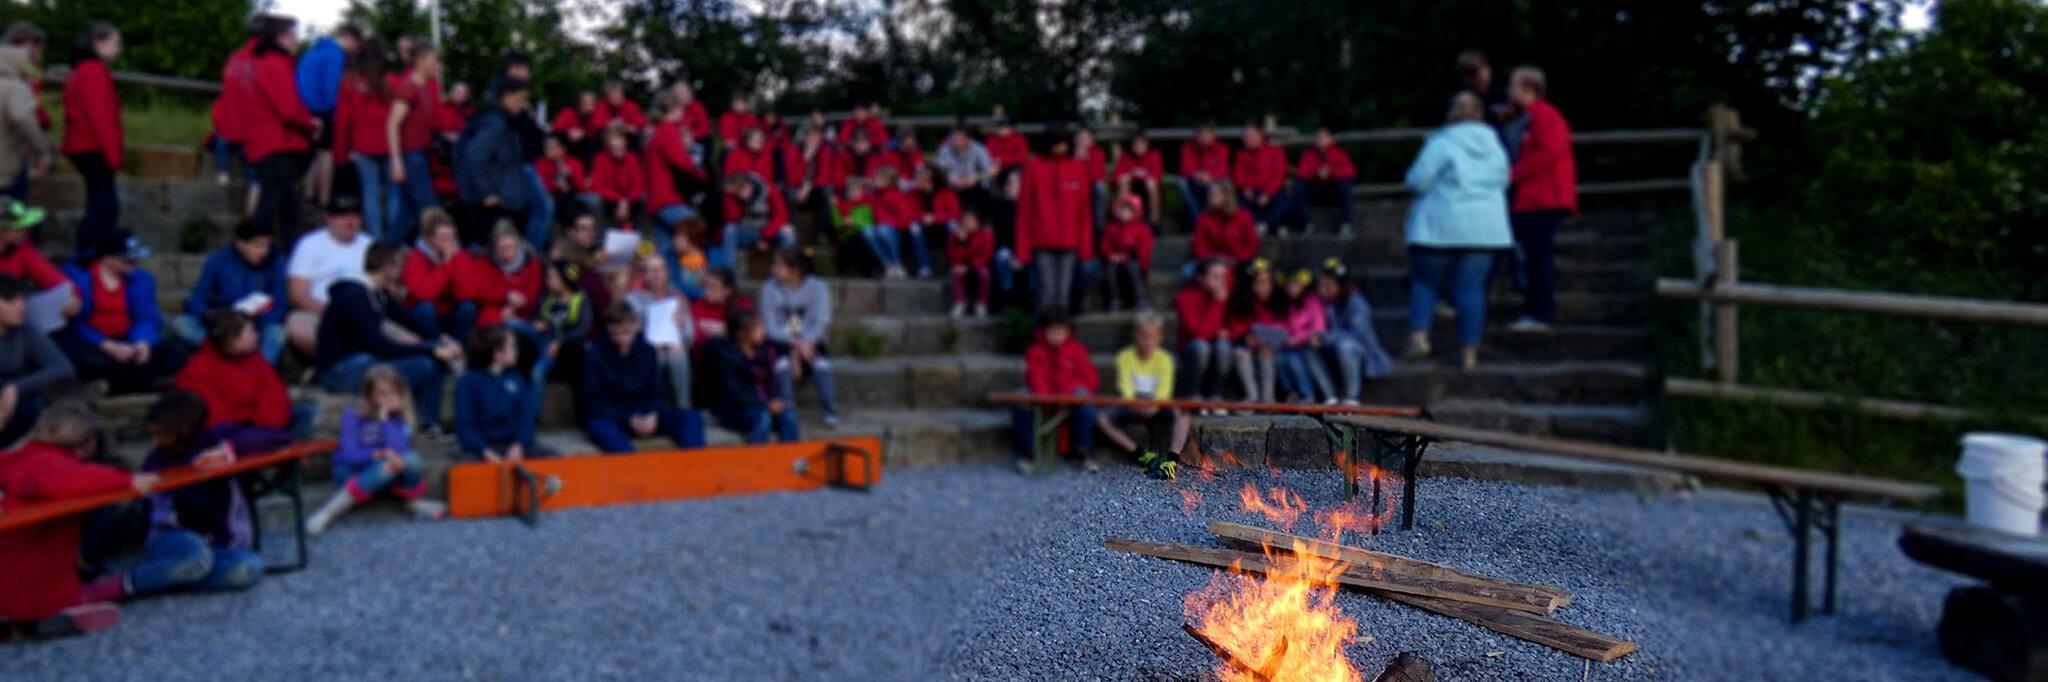 Johanniter-Jugendliche sitzen um ein Lagerfeuer